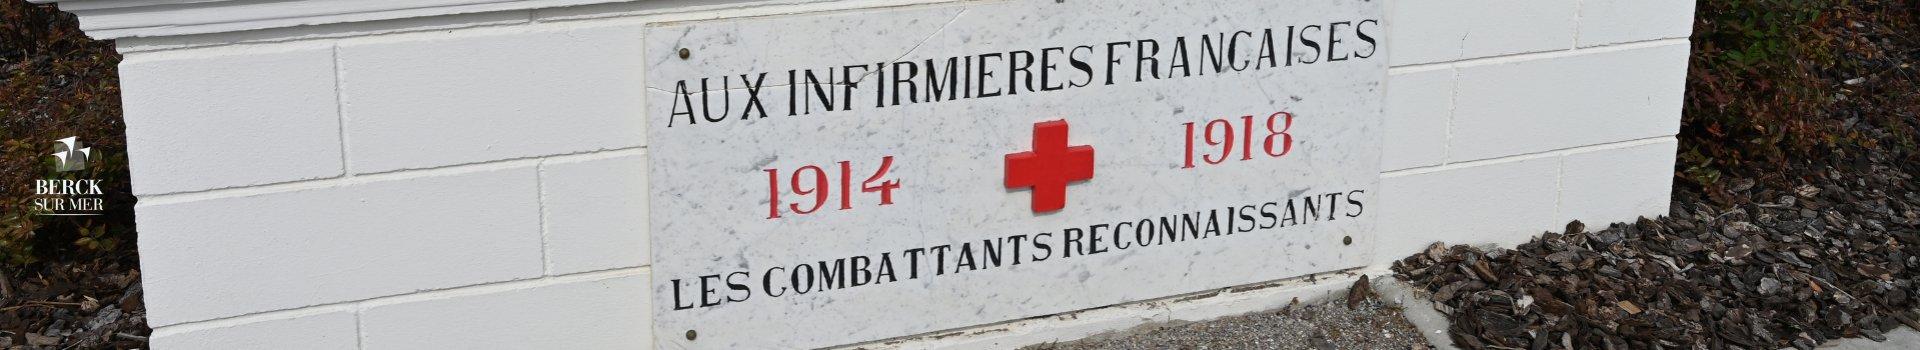 Bâtiment érigé à la gloire des infirmières françaises